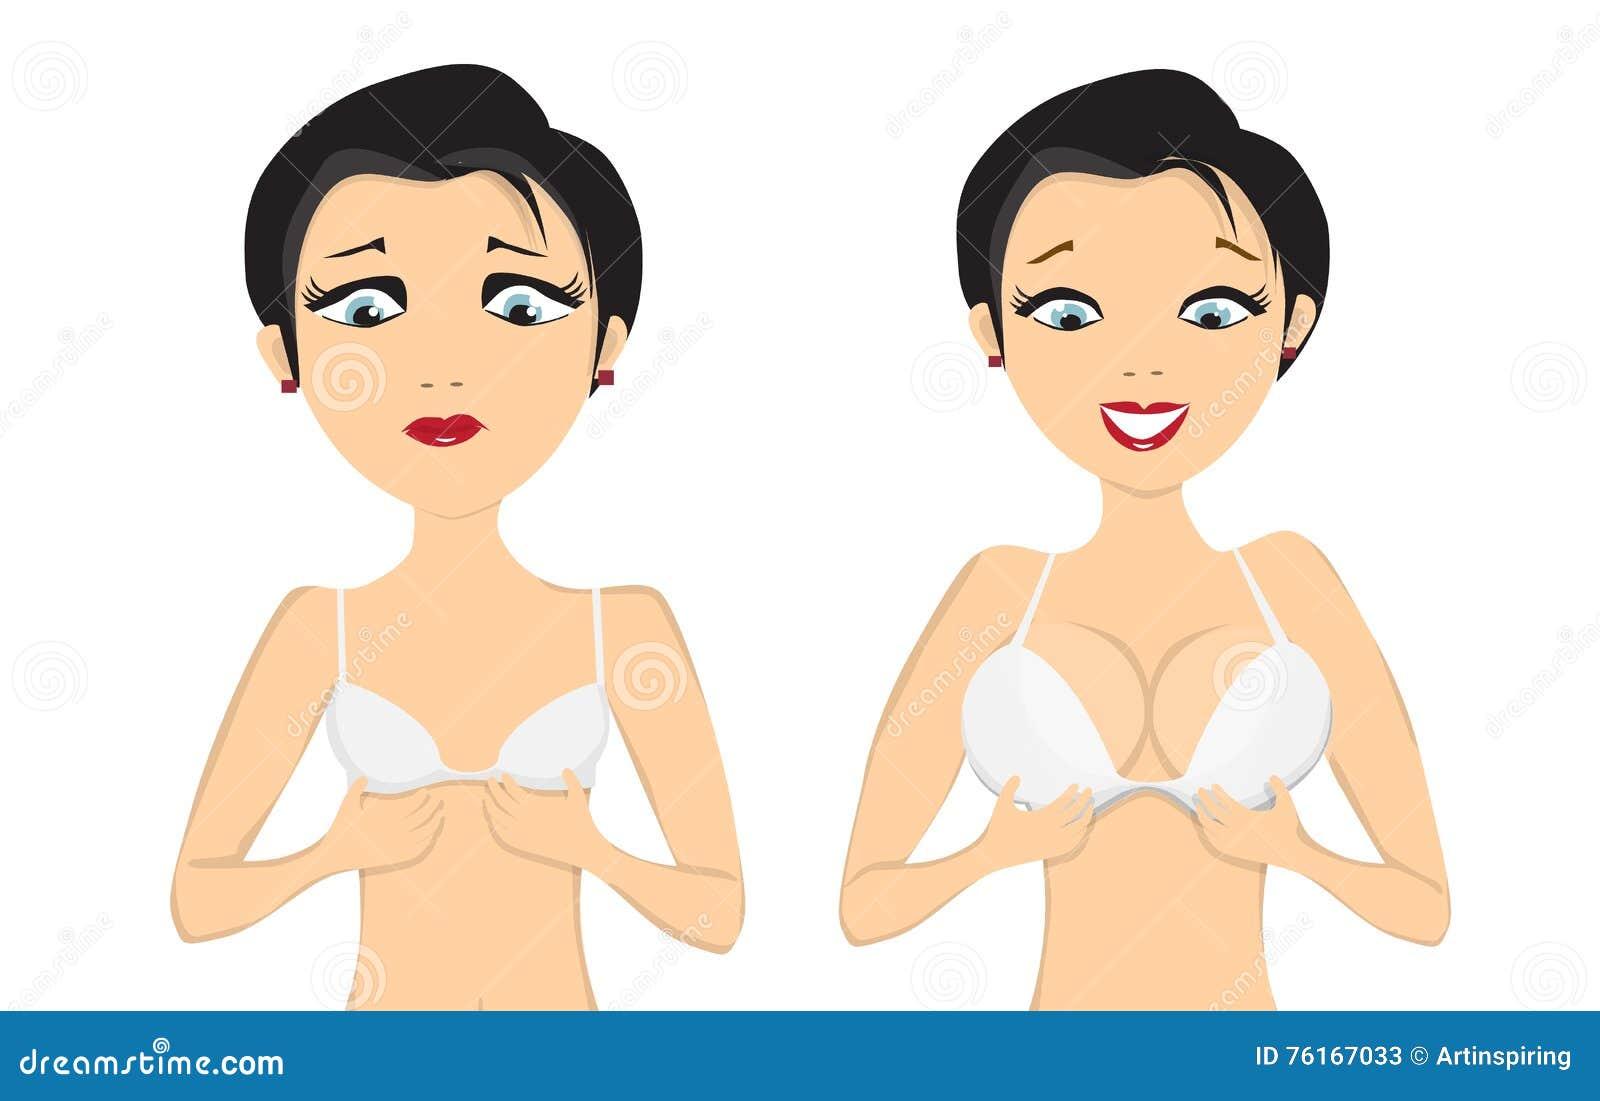 Menina antes e depois do aumento do peito